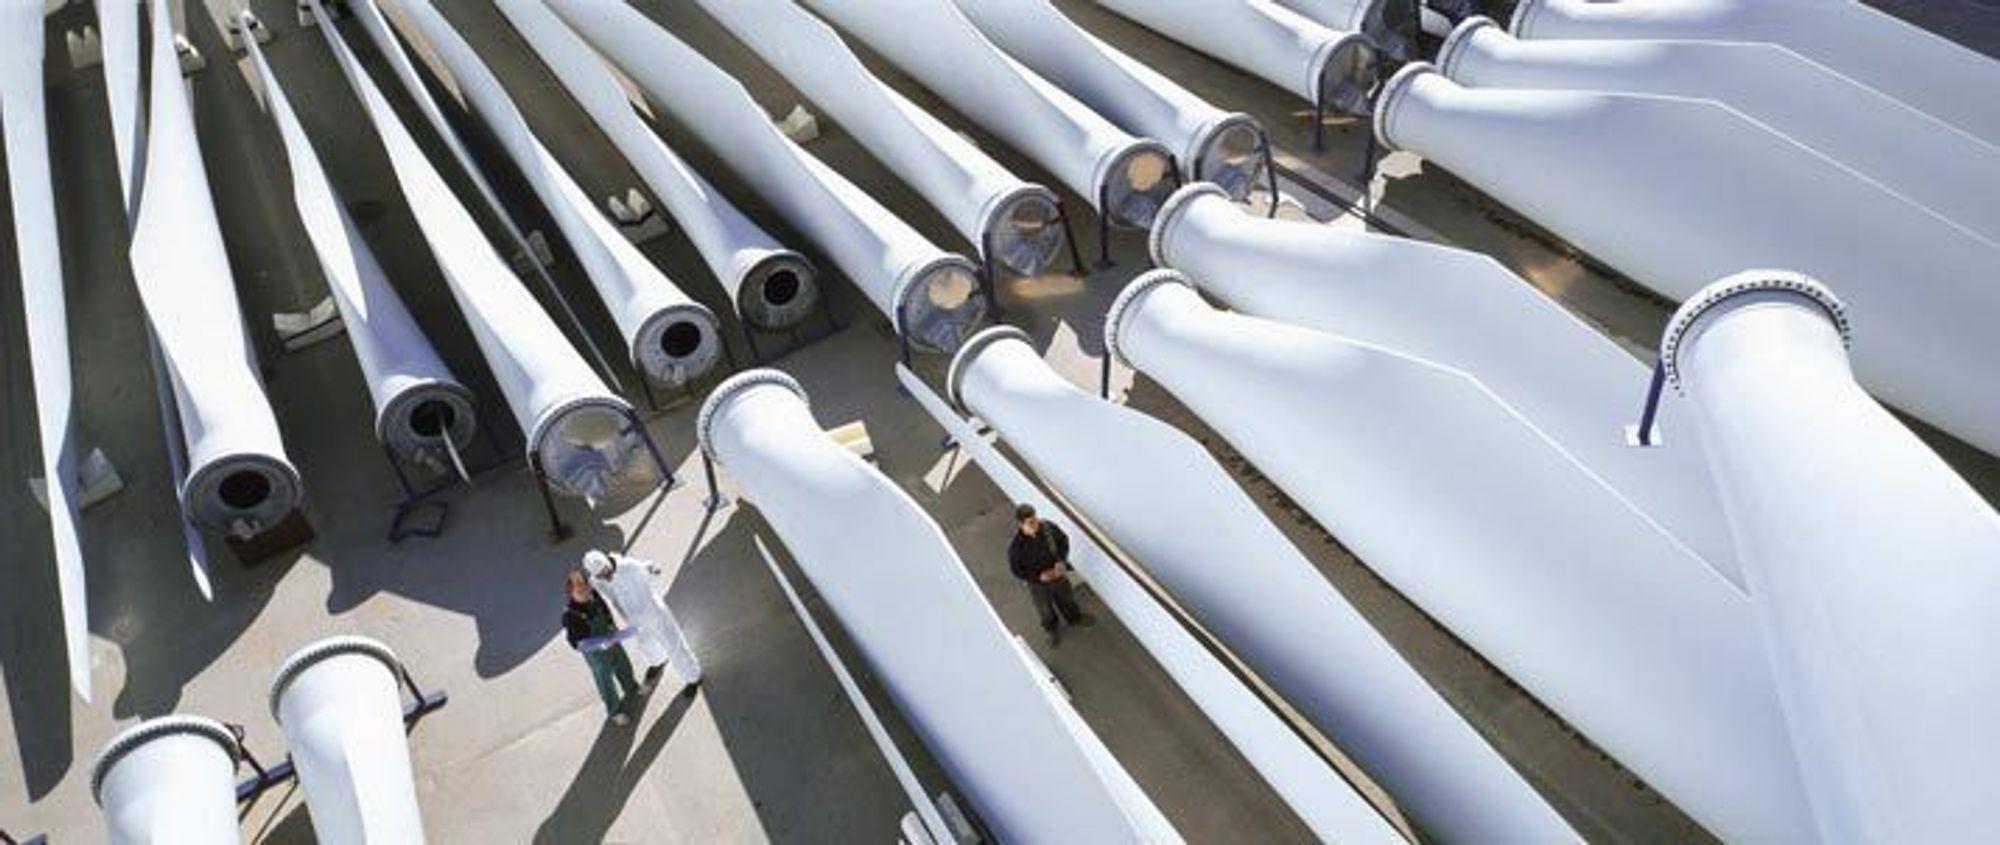 STADIG STØRRE: Her er et av spanske Gamesas lagre av turbinblader. Nå leder selskapet et prosjekt for å utvikle en havvindturbin på hele 15 megawatt (MW). Dagens havvindturbiner er som regel fra 2,3 MW til 5 MW.